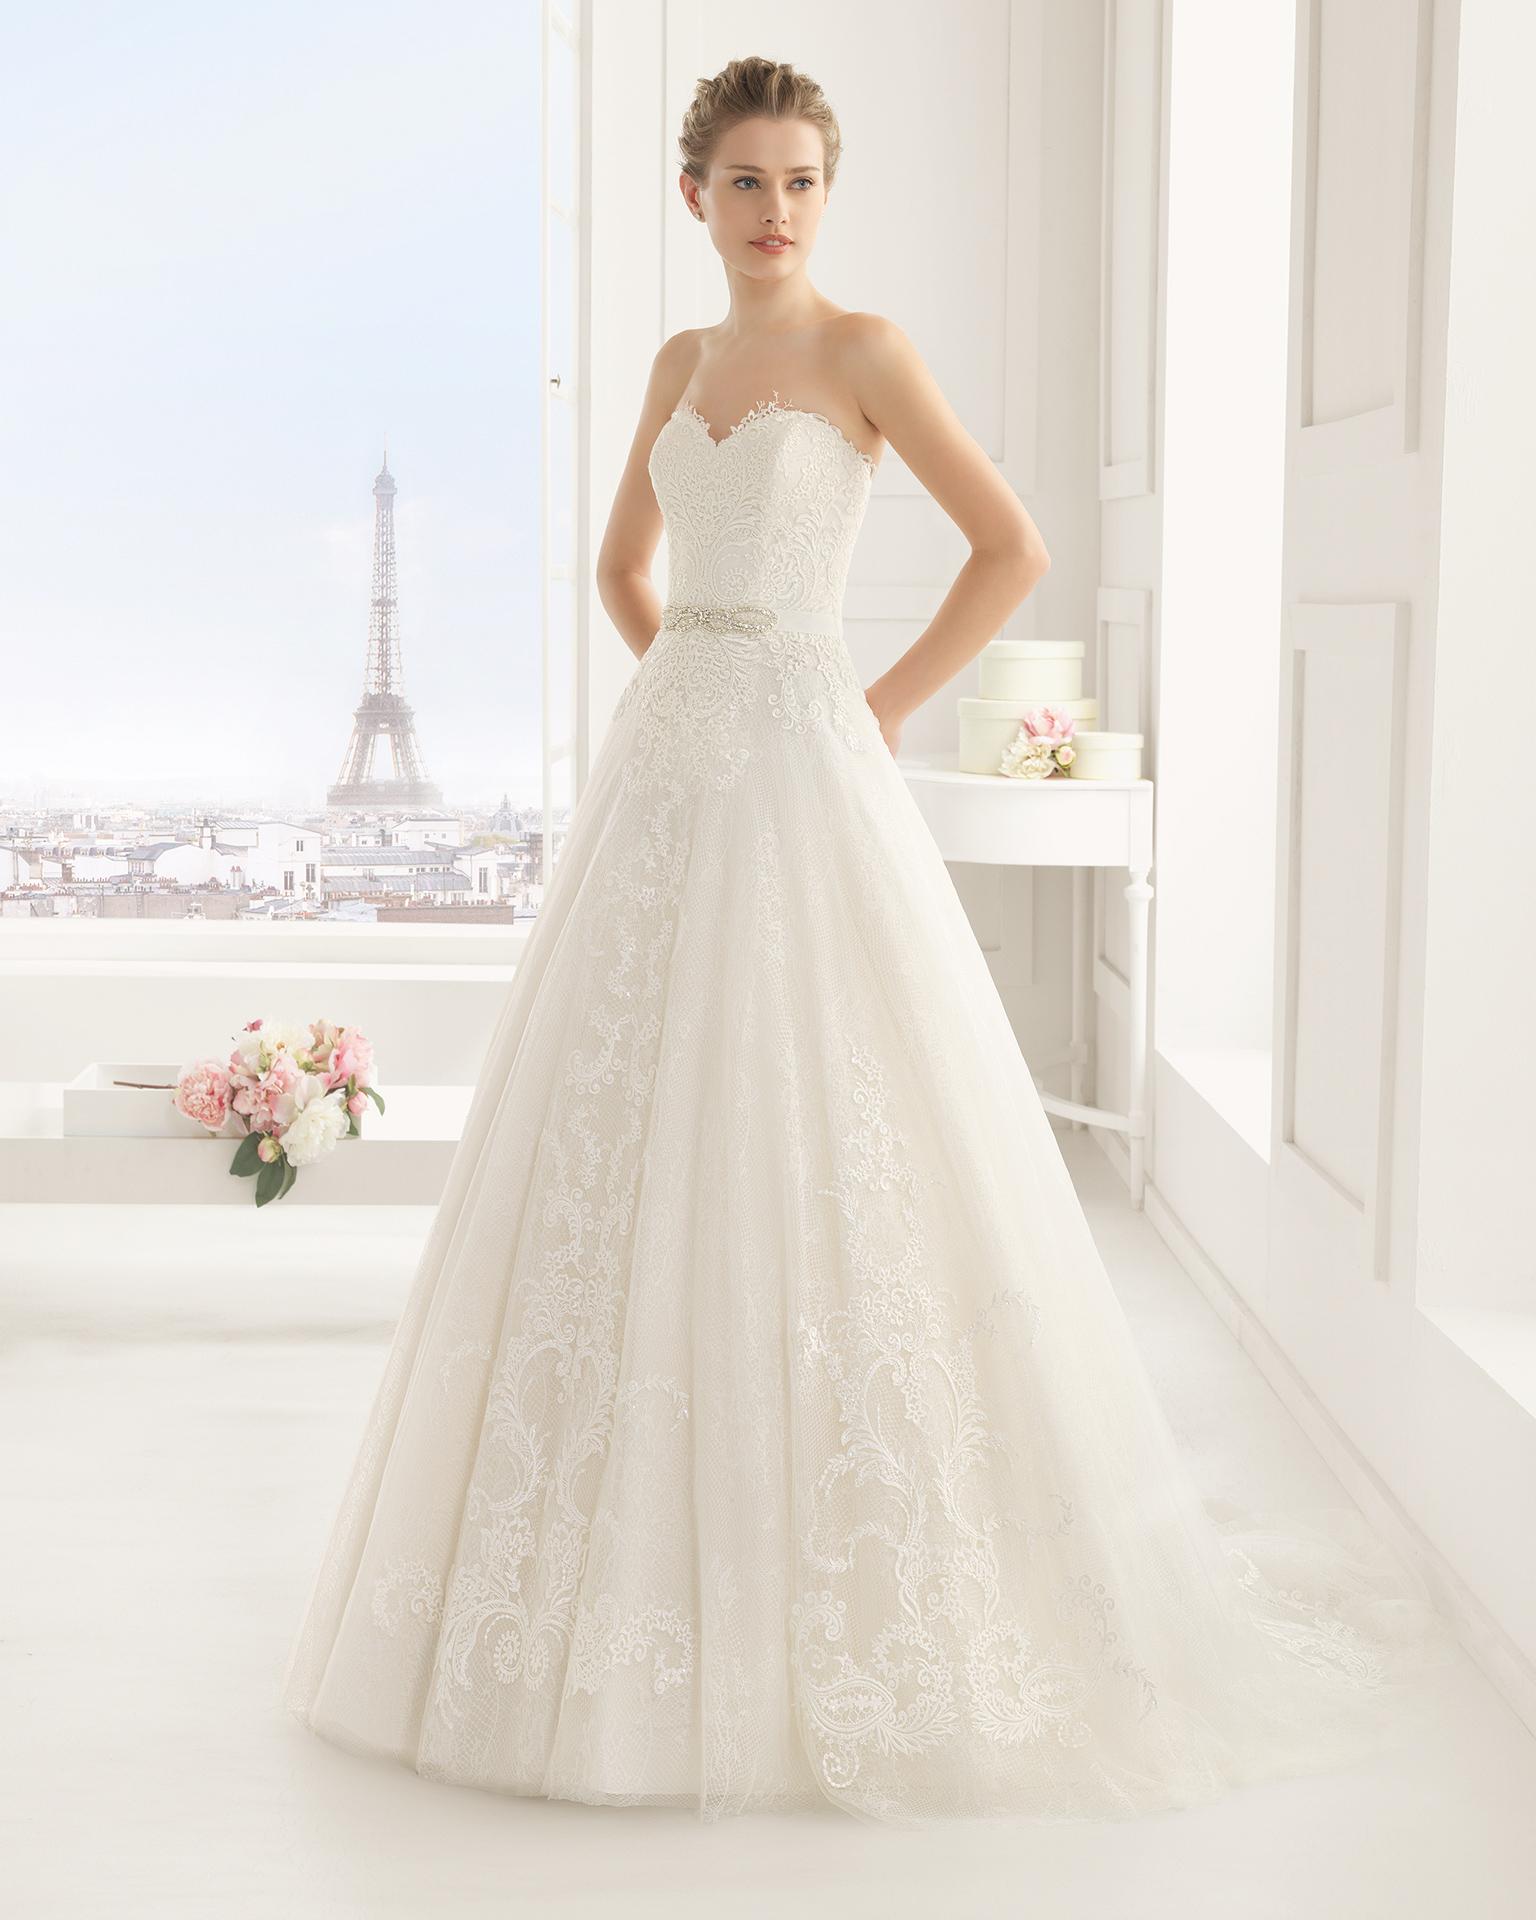 Elenco (38, тюль/кружево/бисер, natural) Свадебное платье Rosa Clara в Одессе. Свадебный салон Скоро Свадьба.